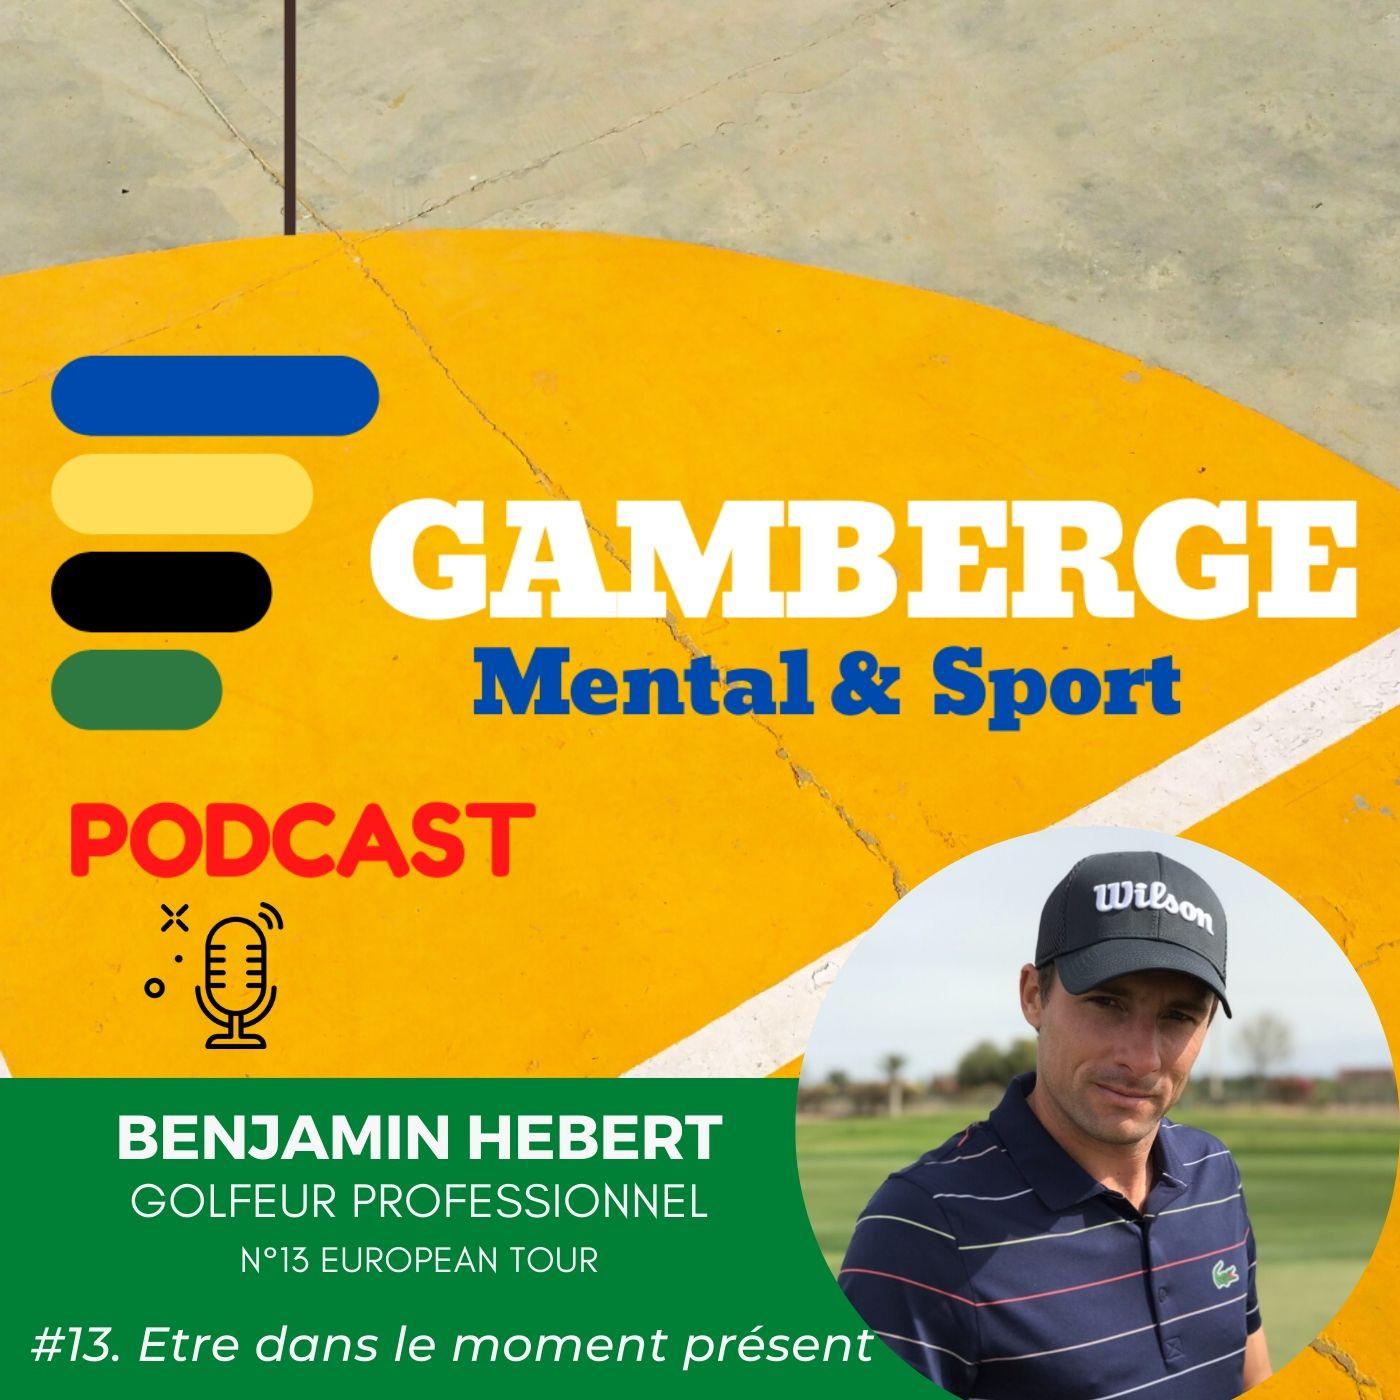 #13. Benjamin Hebert: Etre dans le moment présent